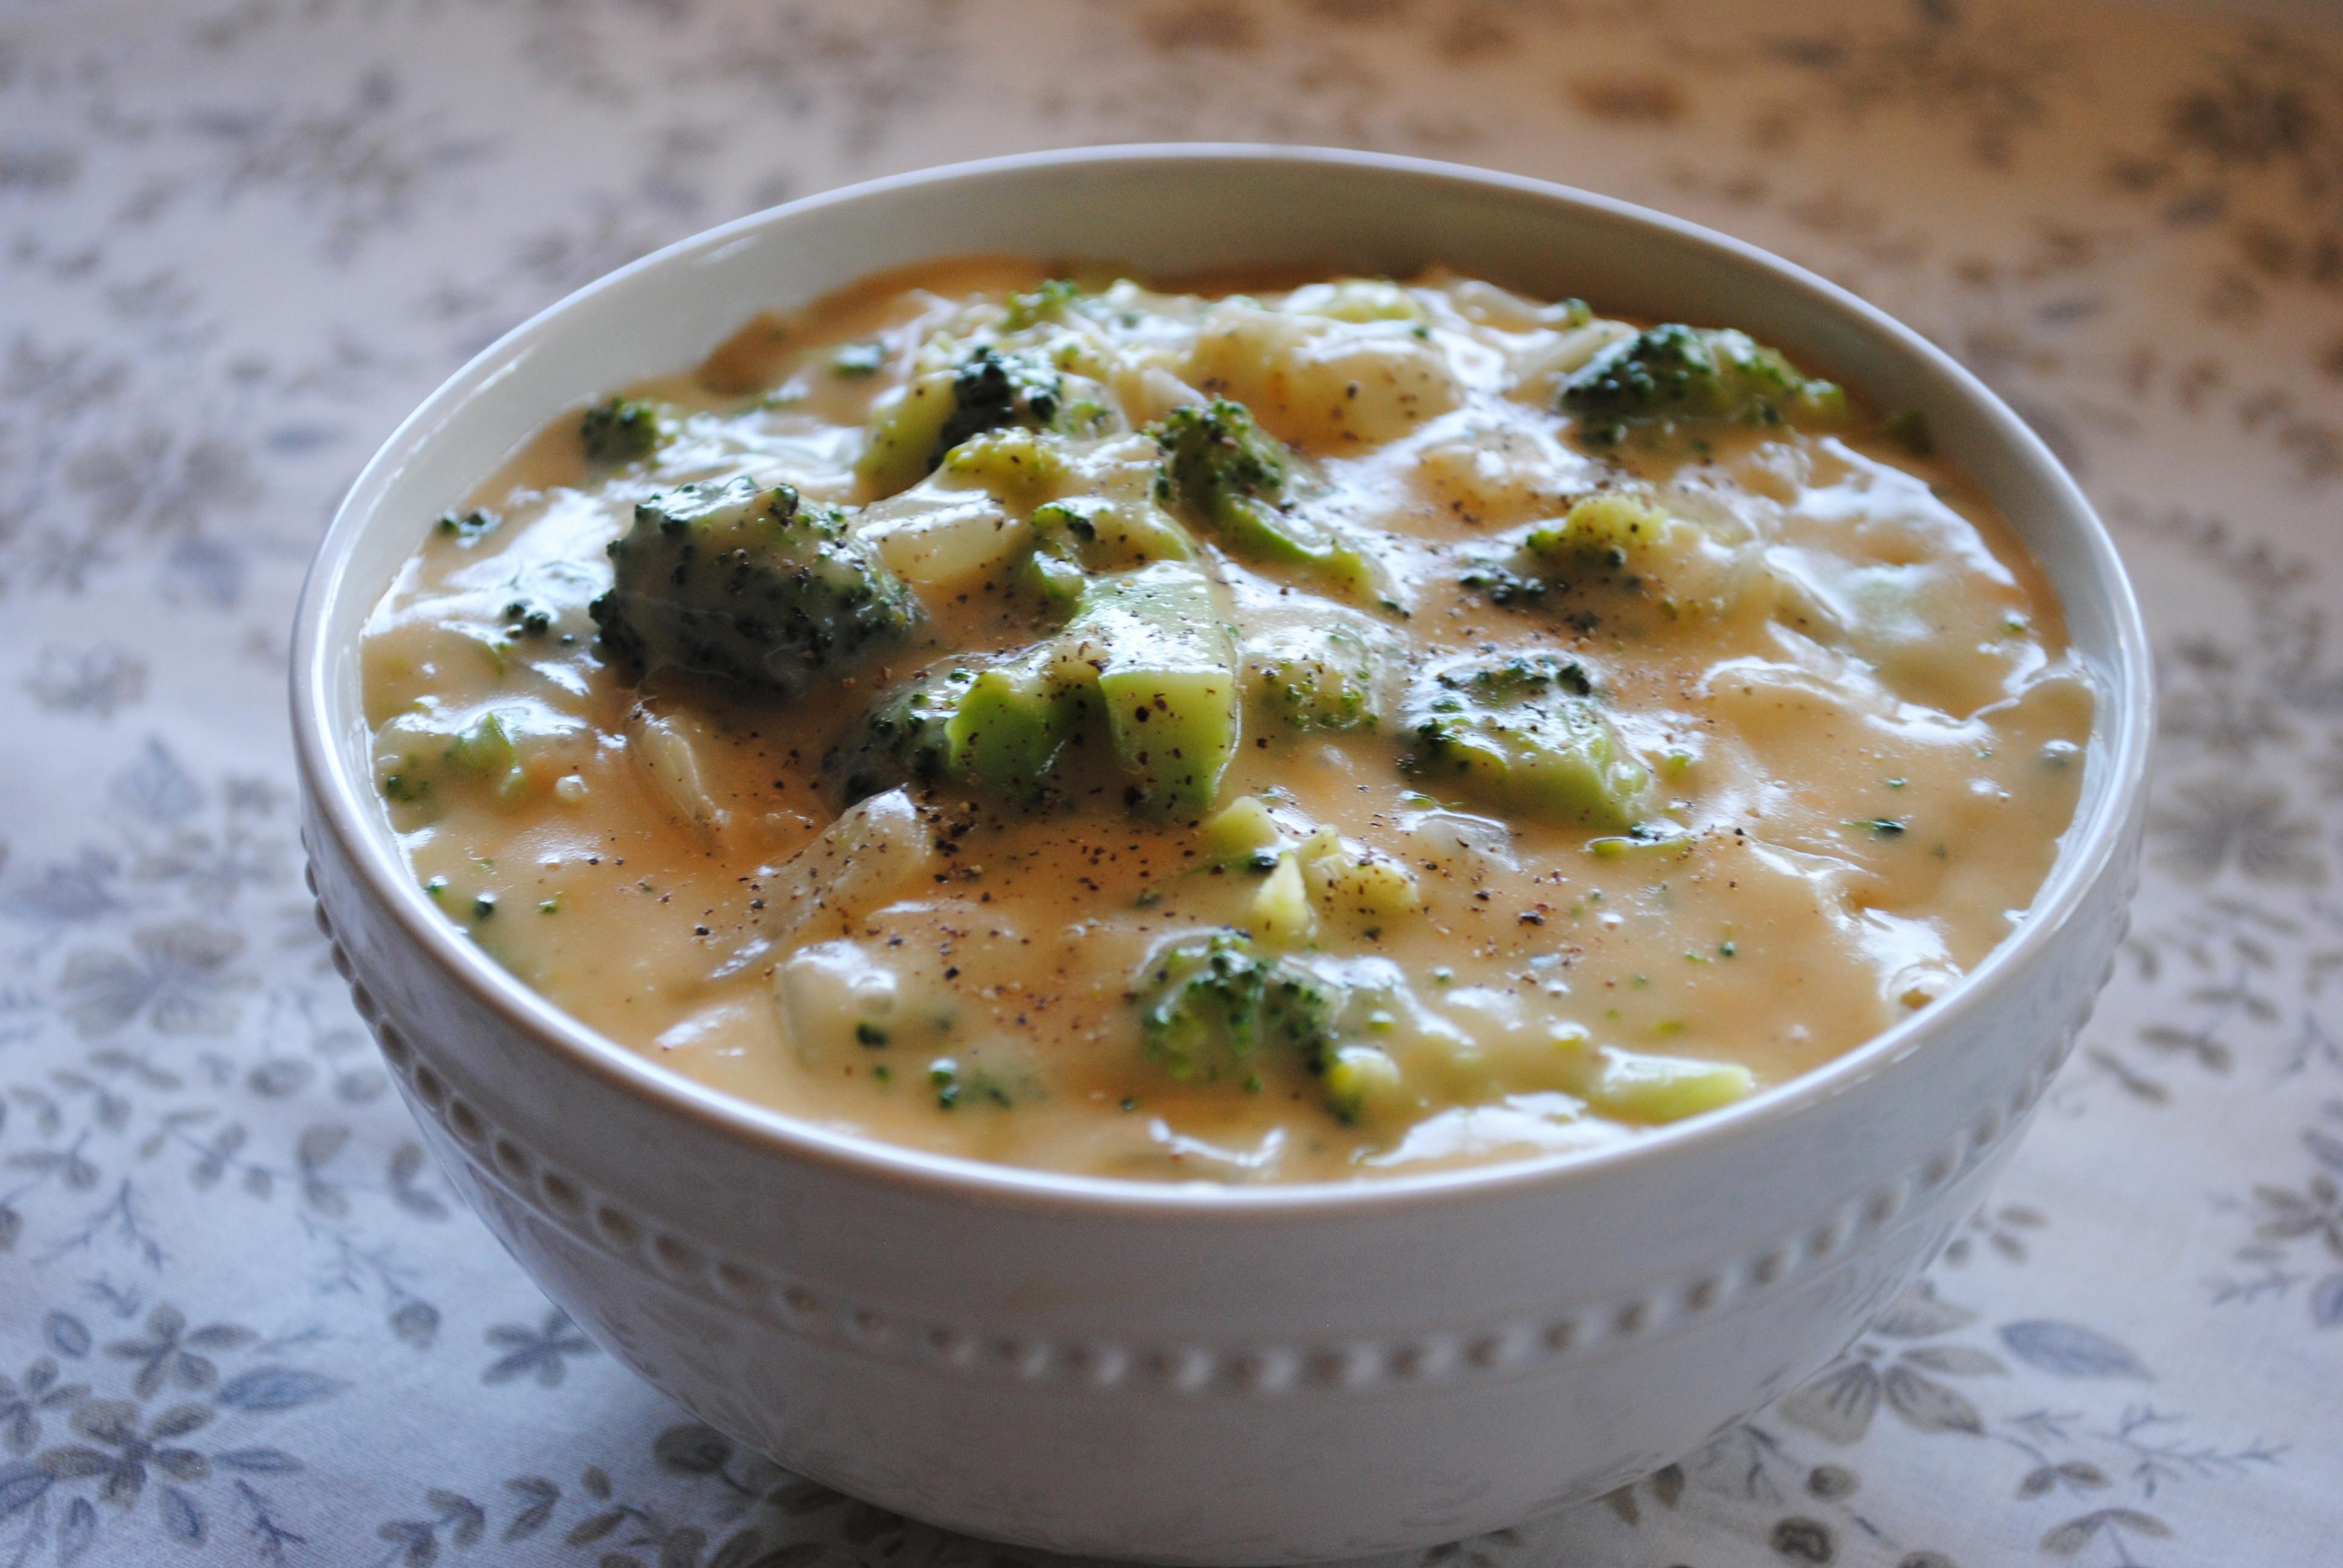 Vegan Broccoli Cheese Soup  Creamy Broccoli Cheese Soup